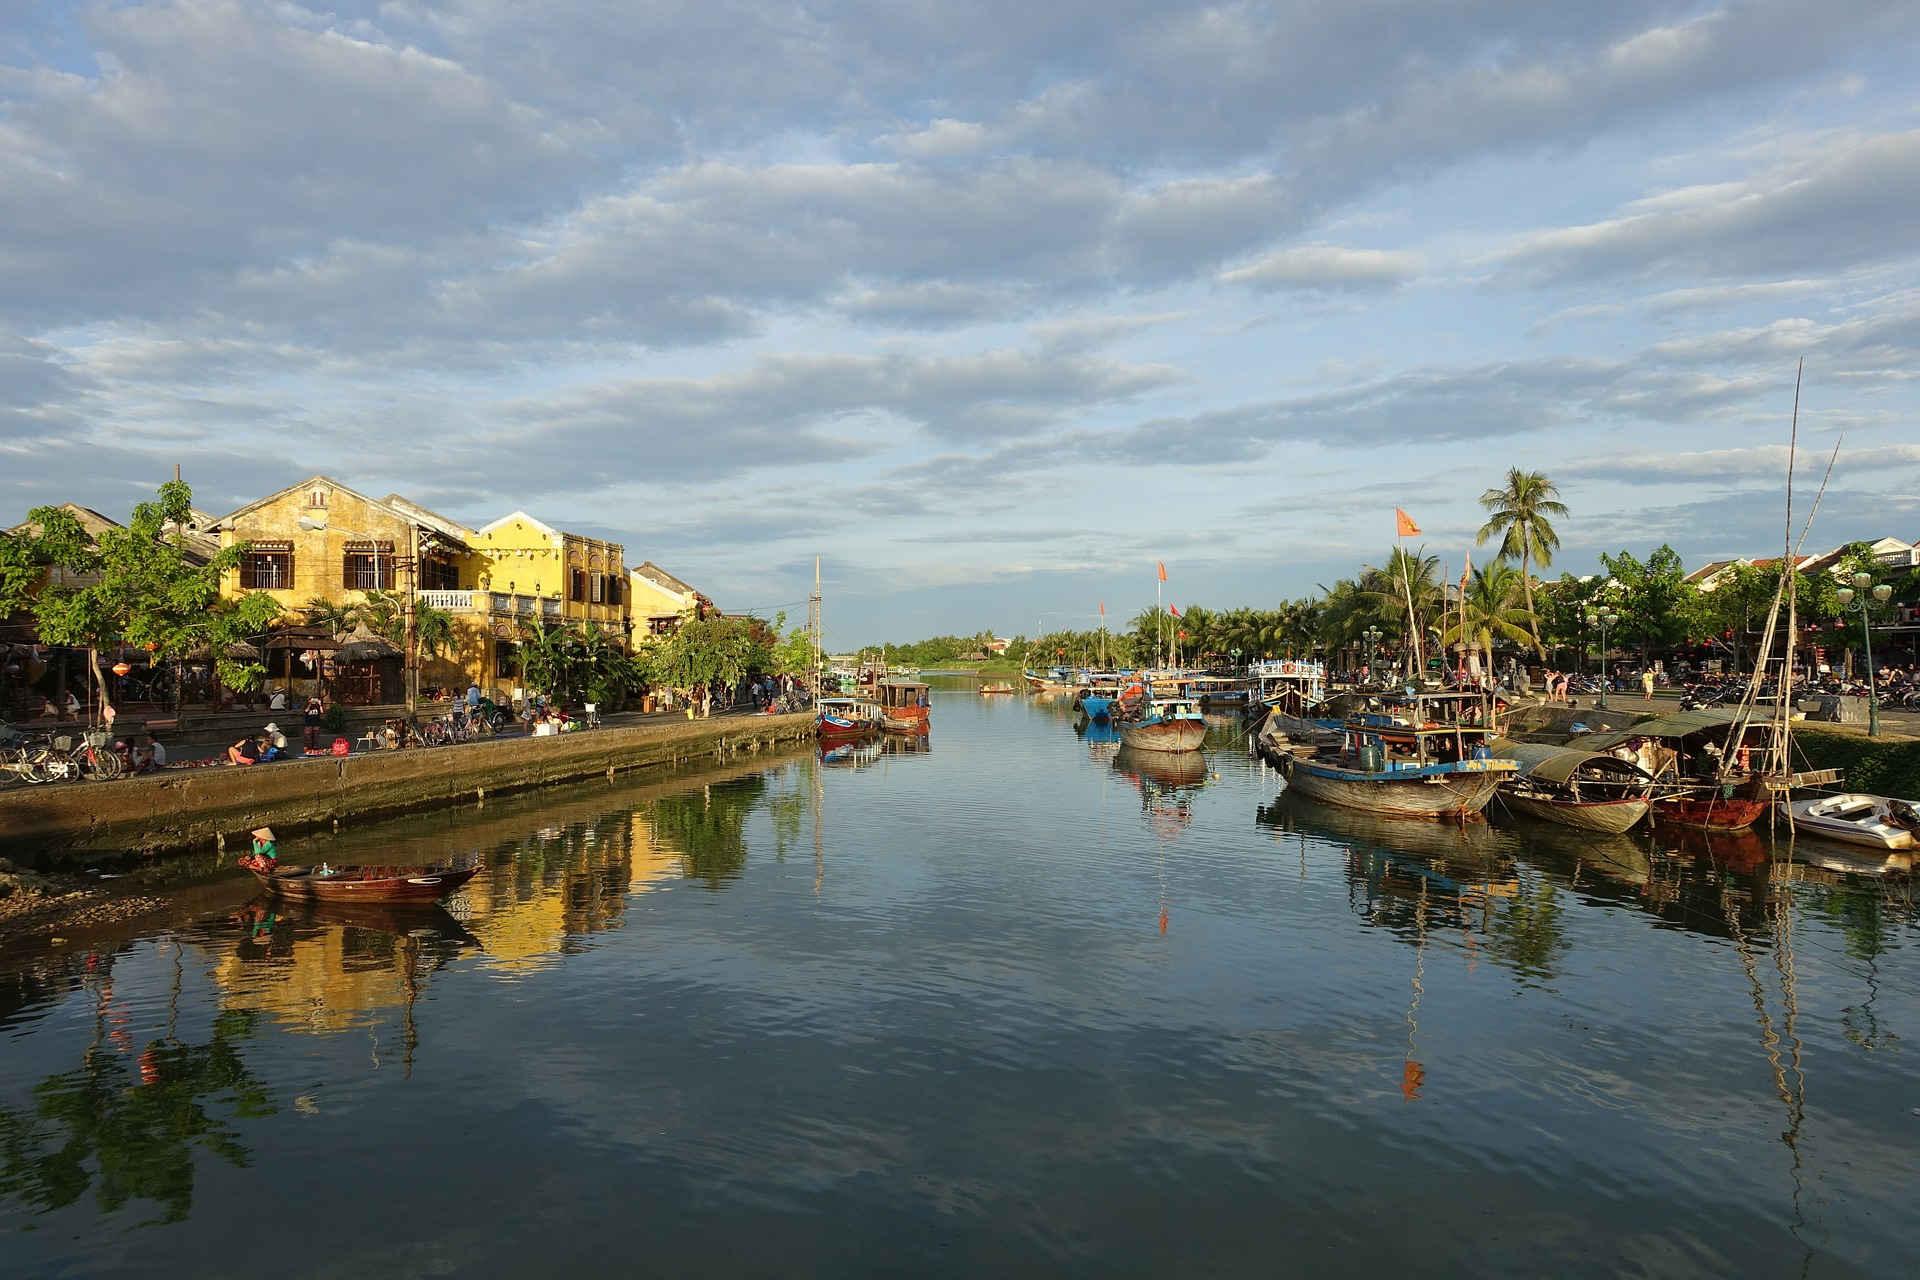 River Hoi An